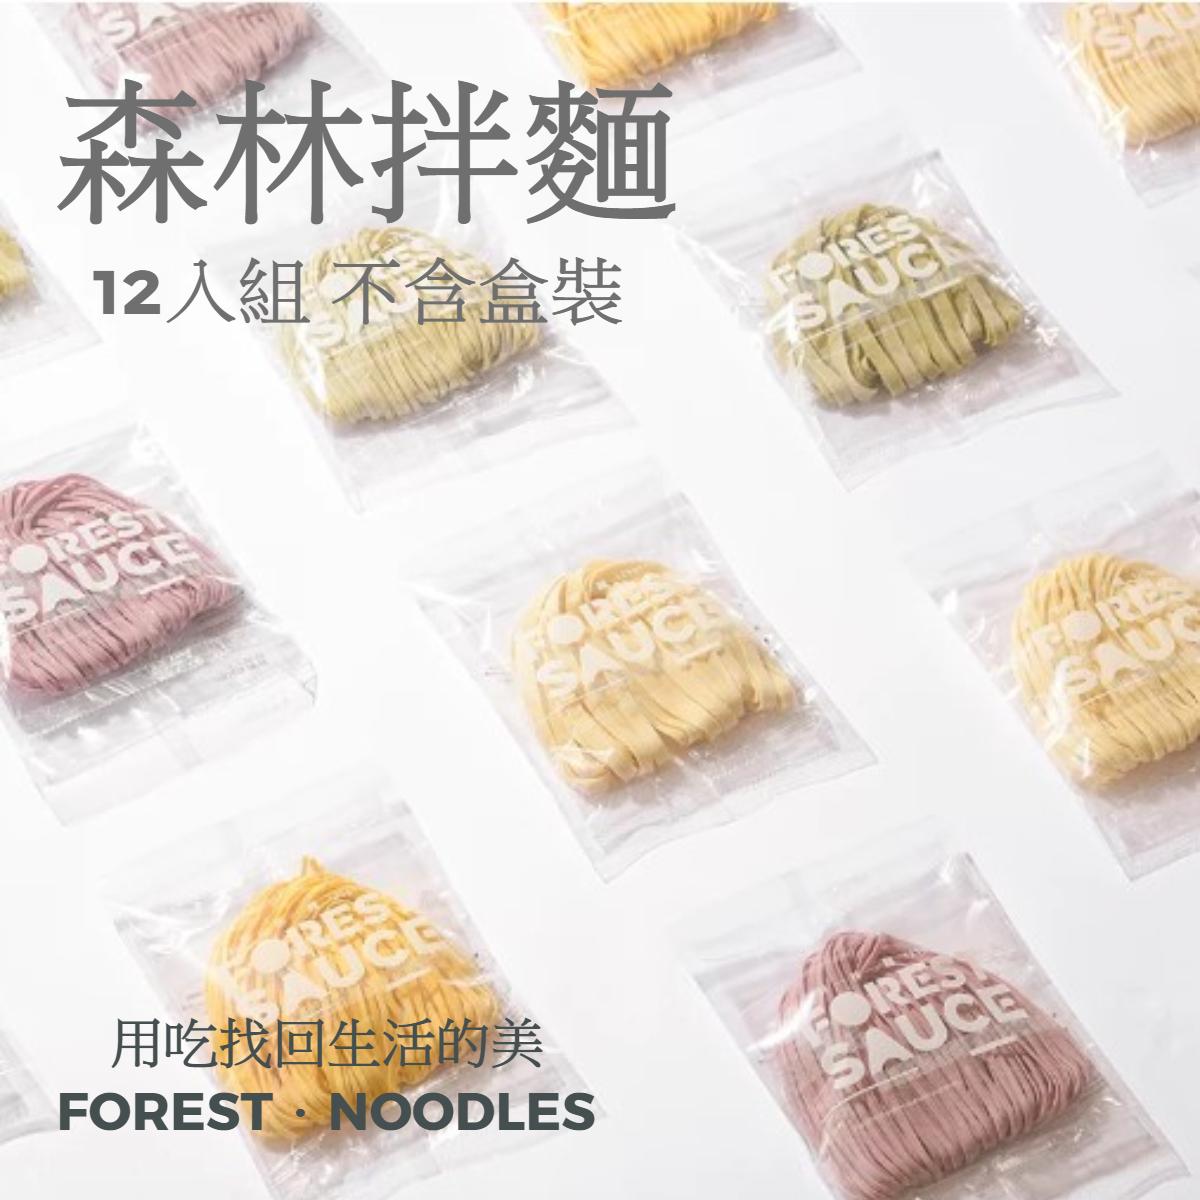 [森林麵食] 拌麵系列(不含盒裝) 綜合12入組